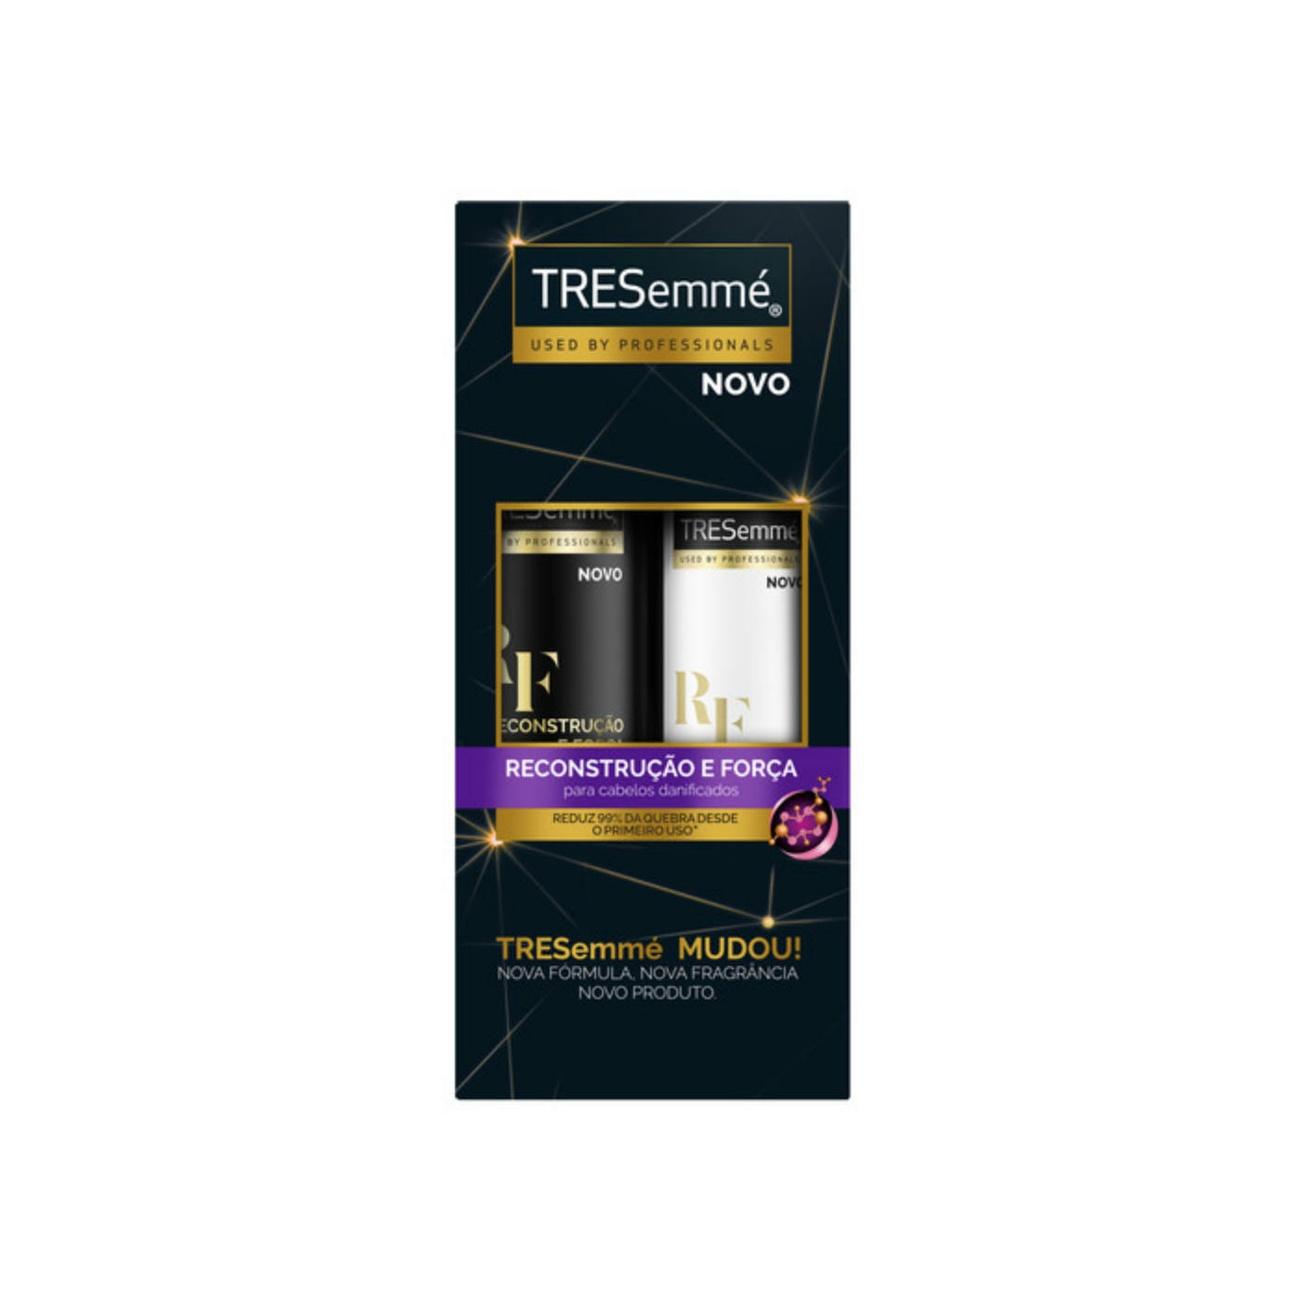 Oferta Tresemm� Shampoo Reconstru��o e For�a 400ml + Condicionador 200ml